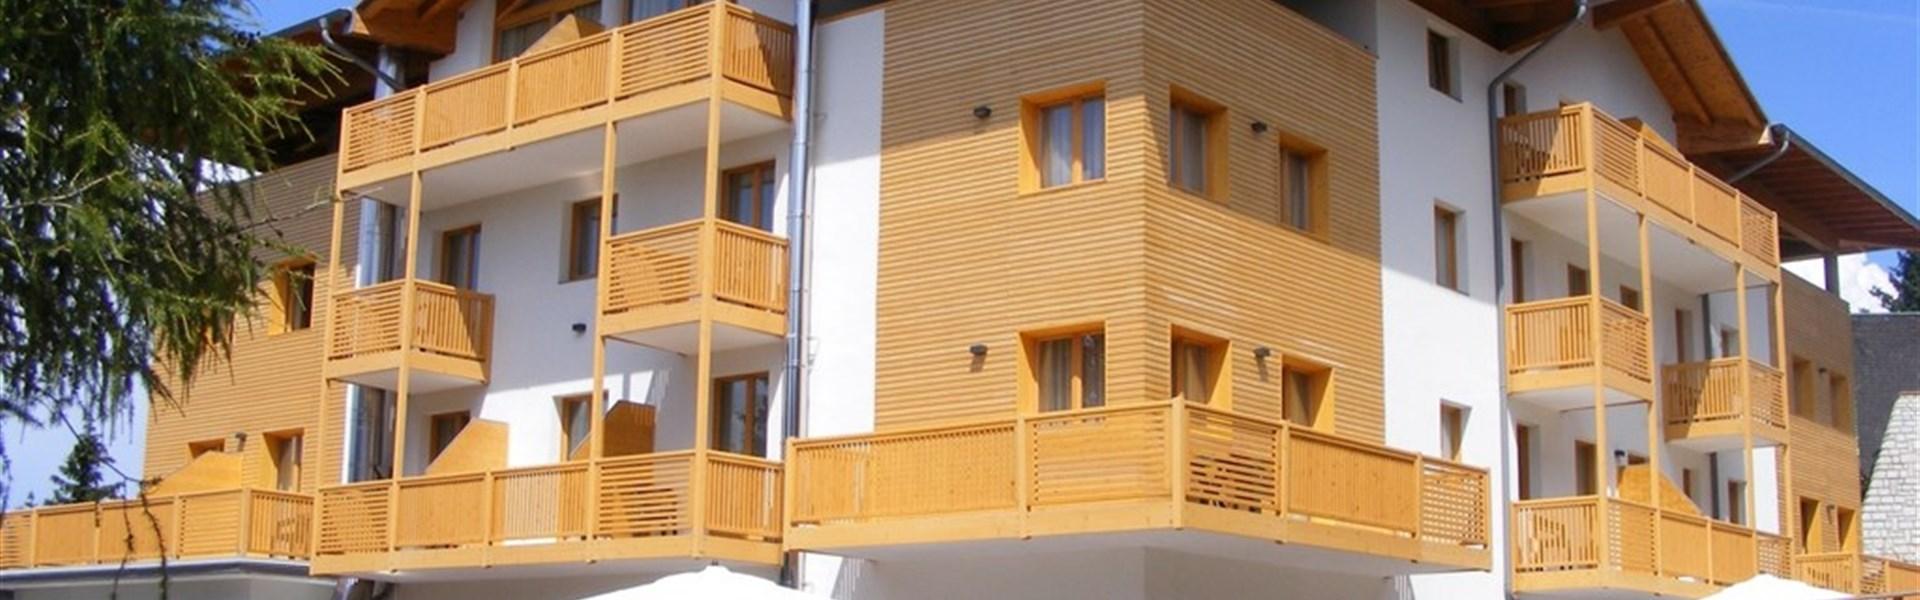 Hotel Alpine Mugon -